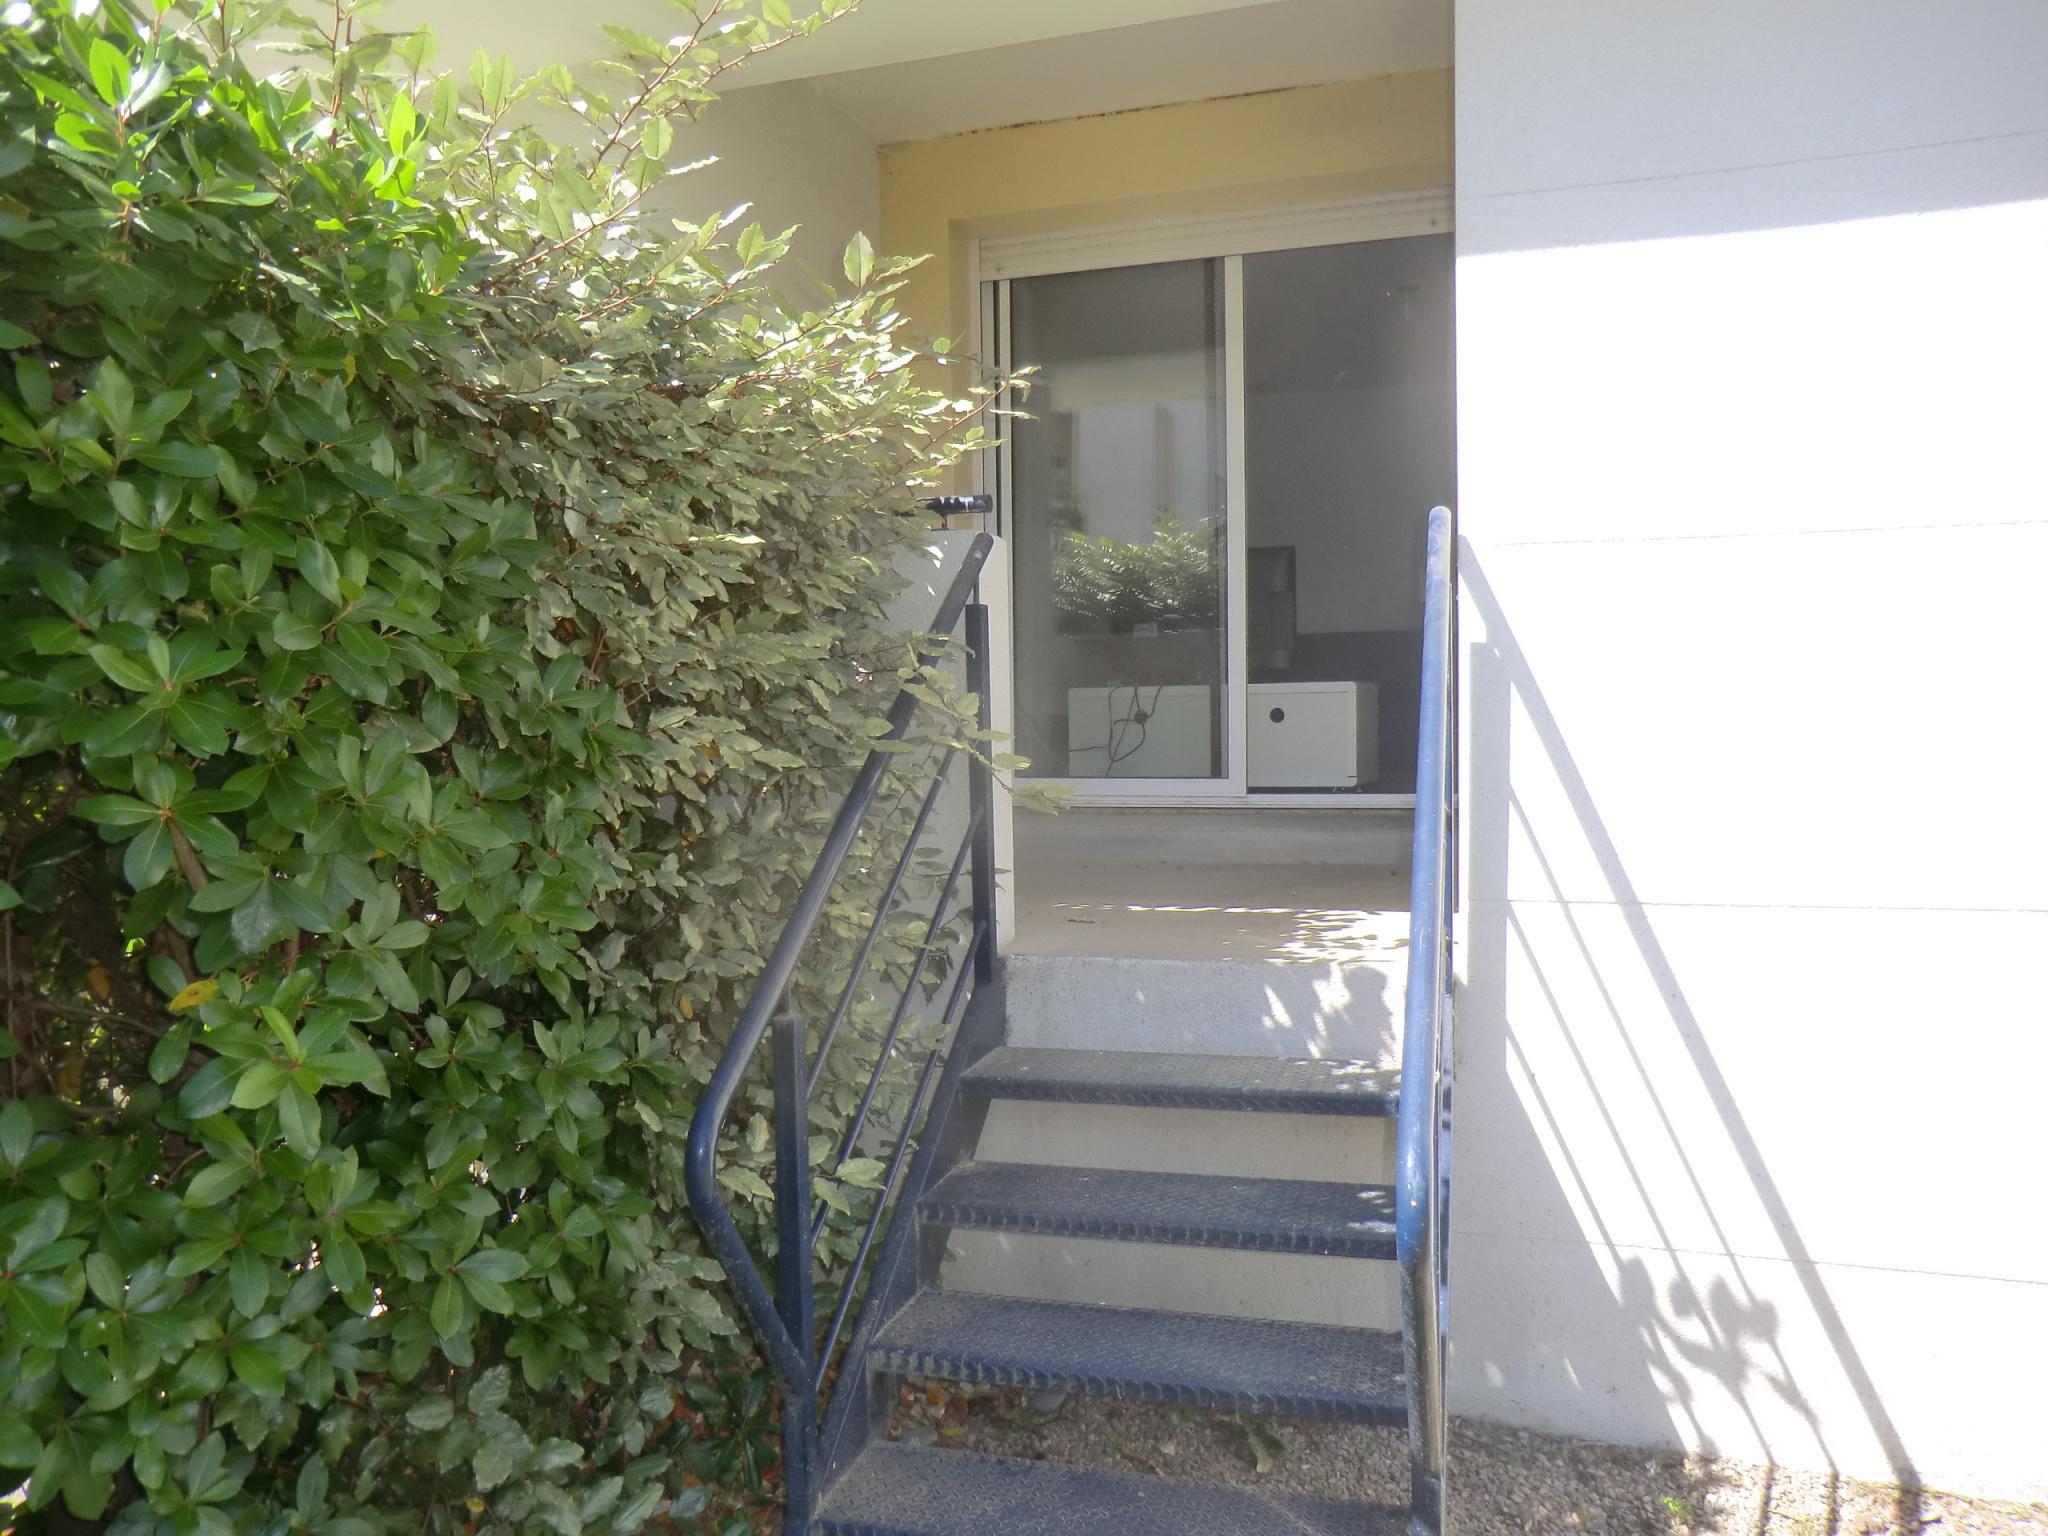 À vendre appartement de 44m2 à argeles sur mer (66700) - Photo 7'